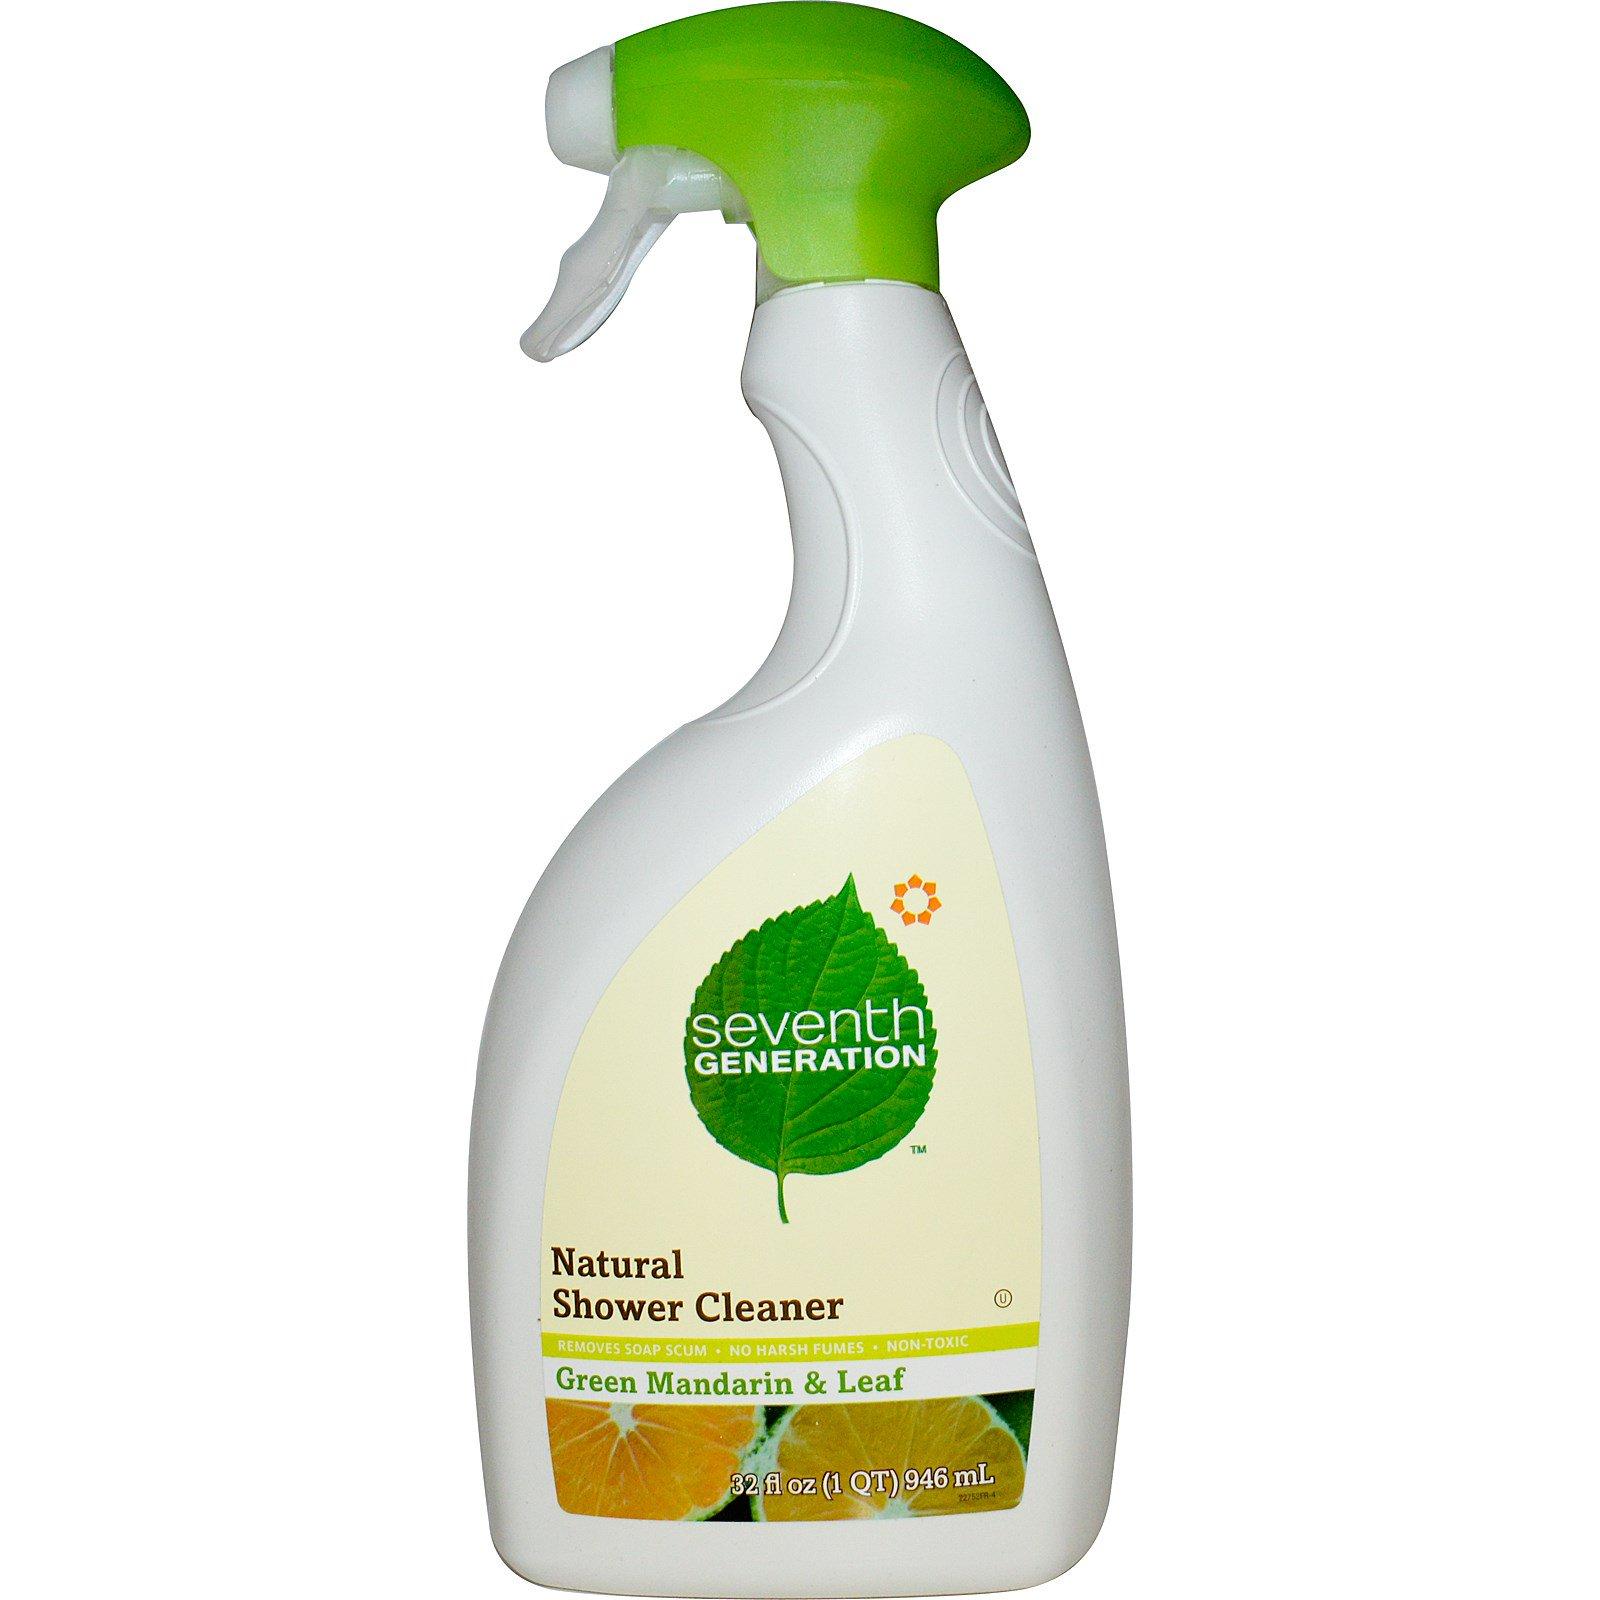 Etonnant Seventh Generation, Natural Shower Cleaner, Green Mandarin U0026 Leaf, 32 Fl Oz  (